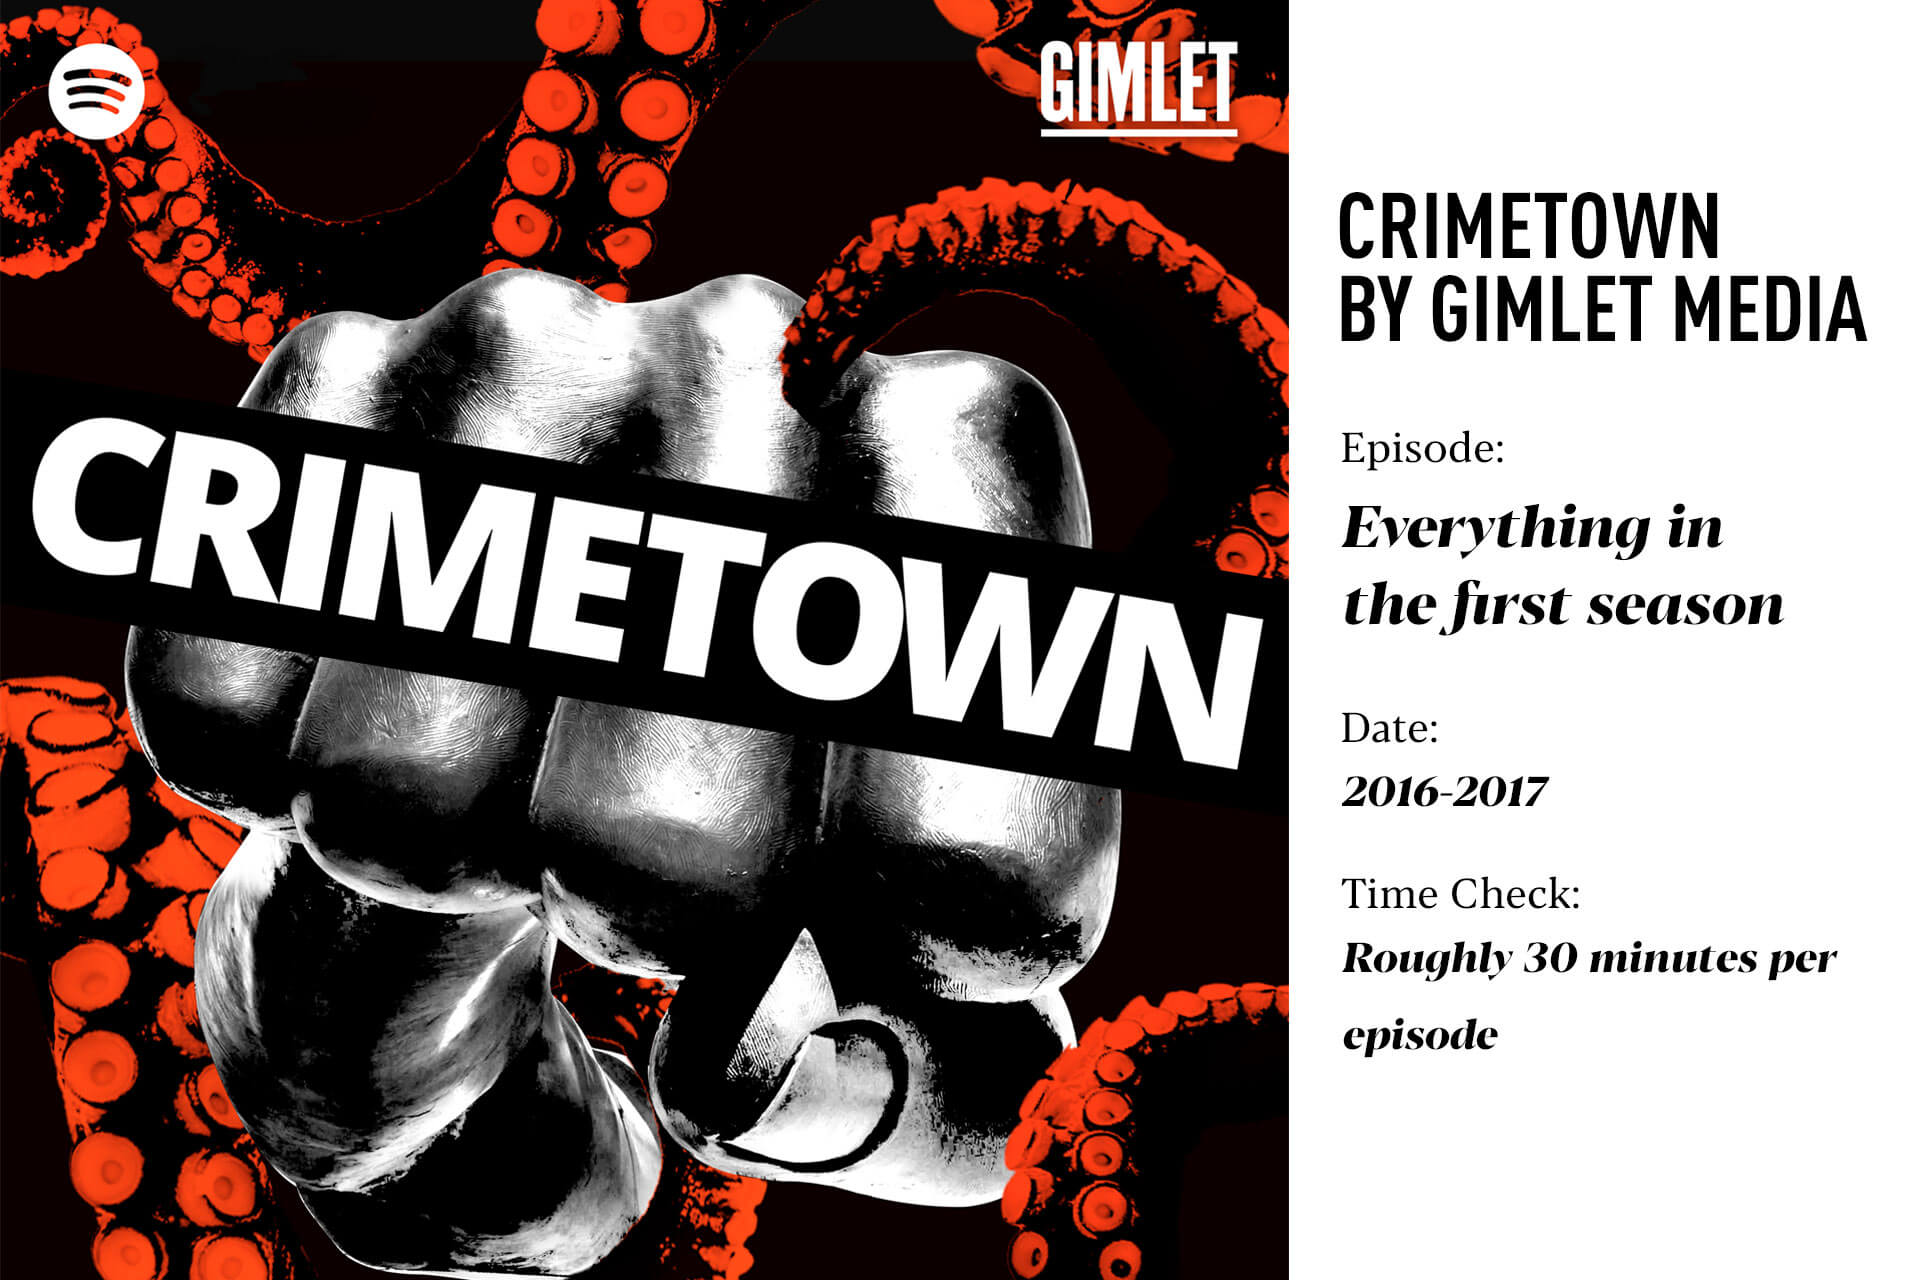 Crimetown by Gimlet Media